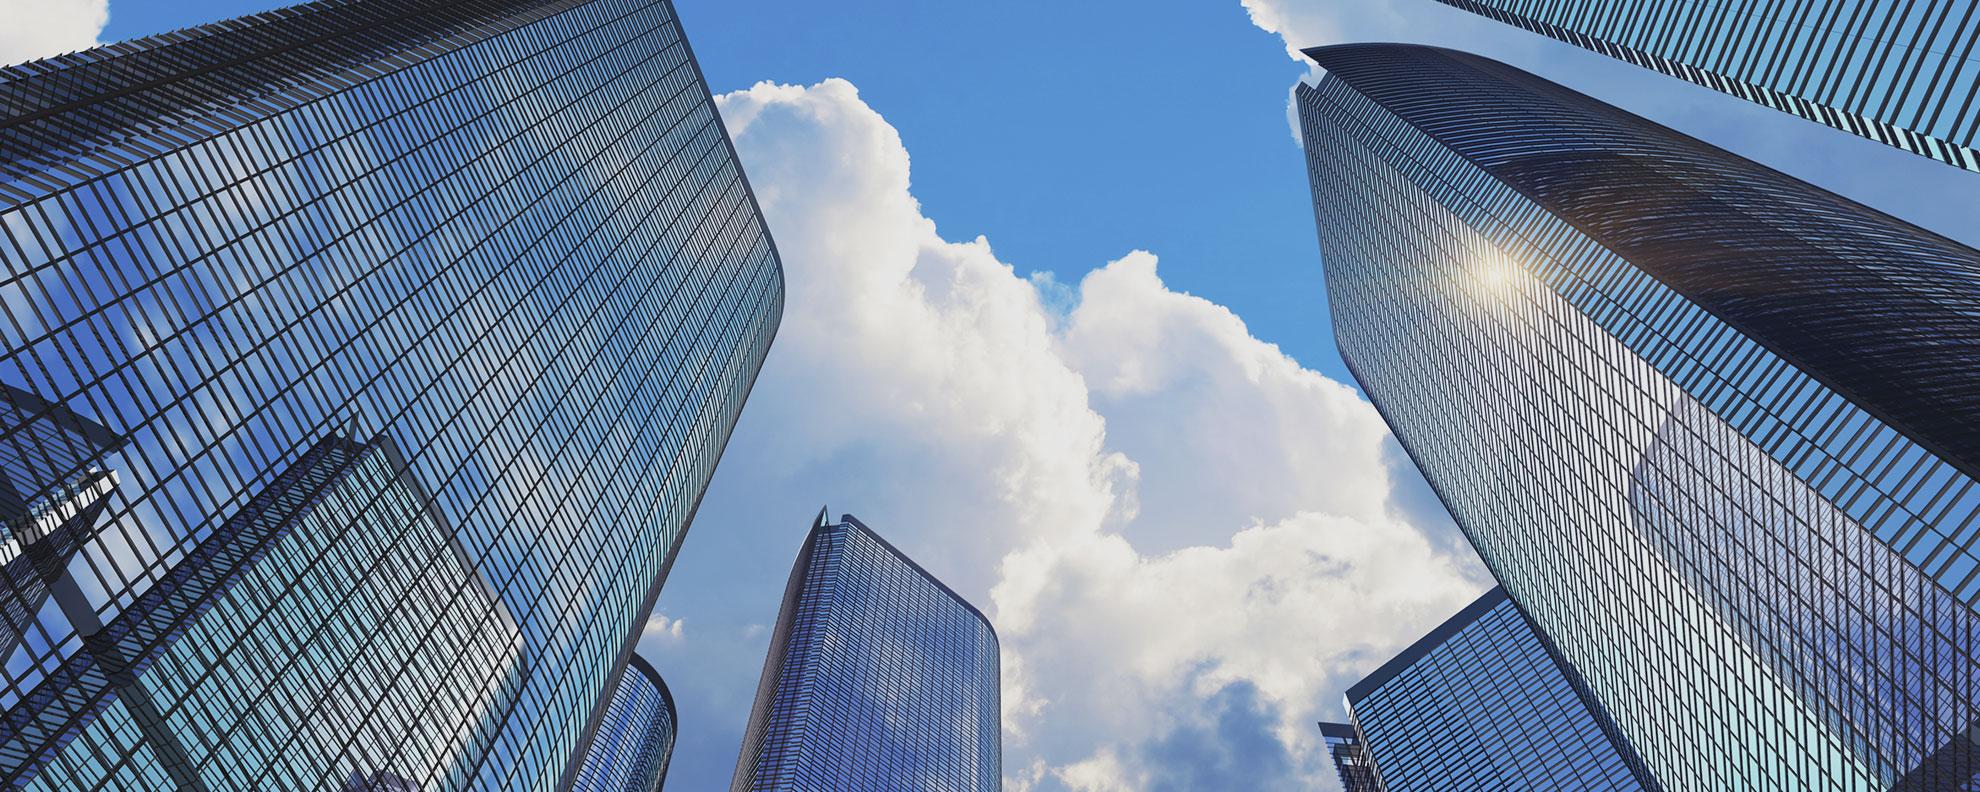 06-csc-em-grandes-empresas